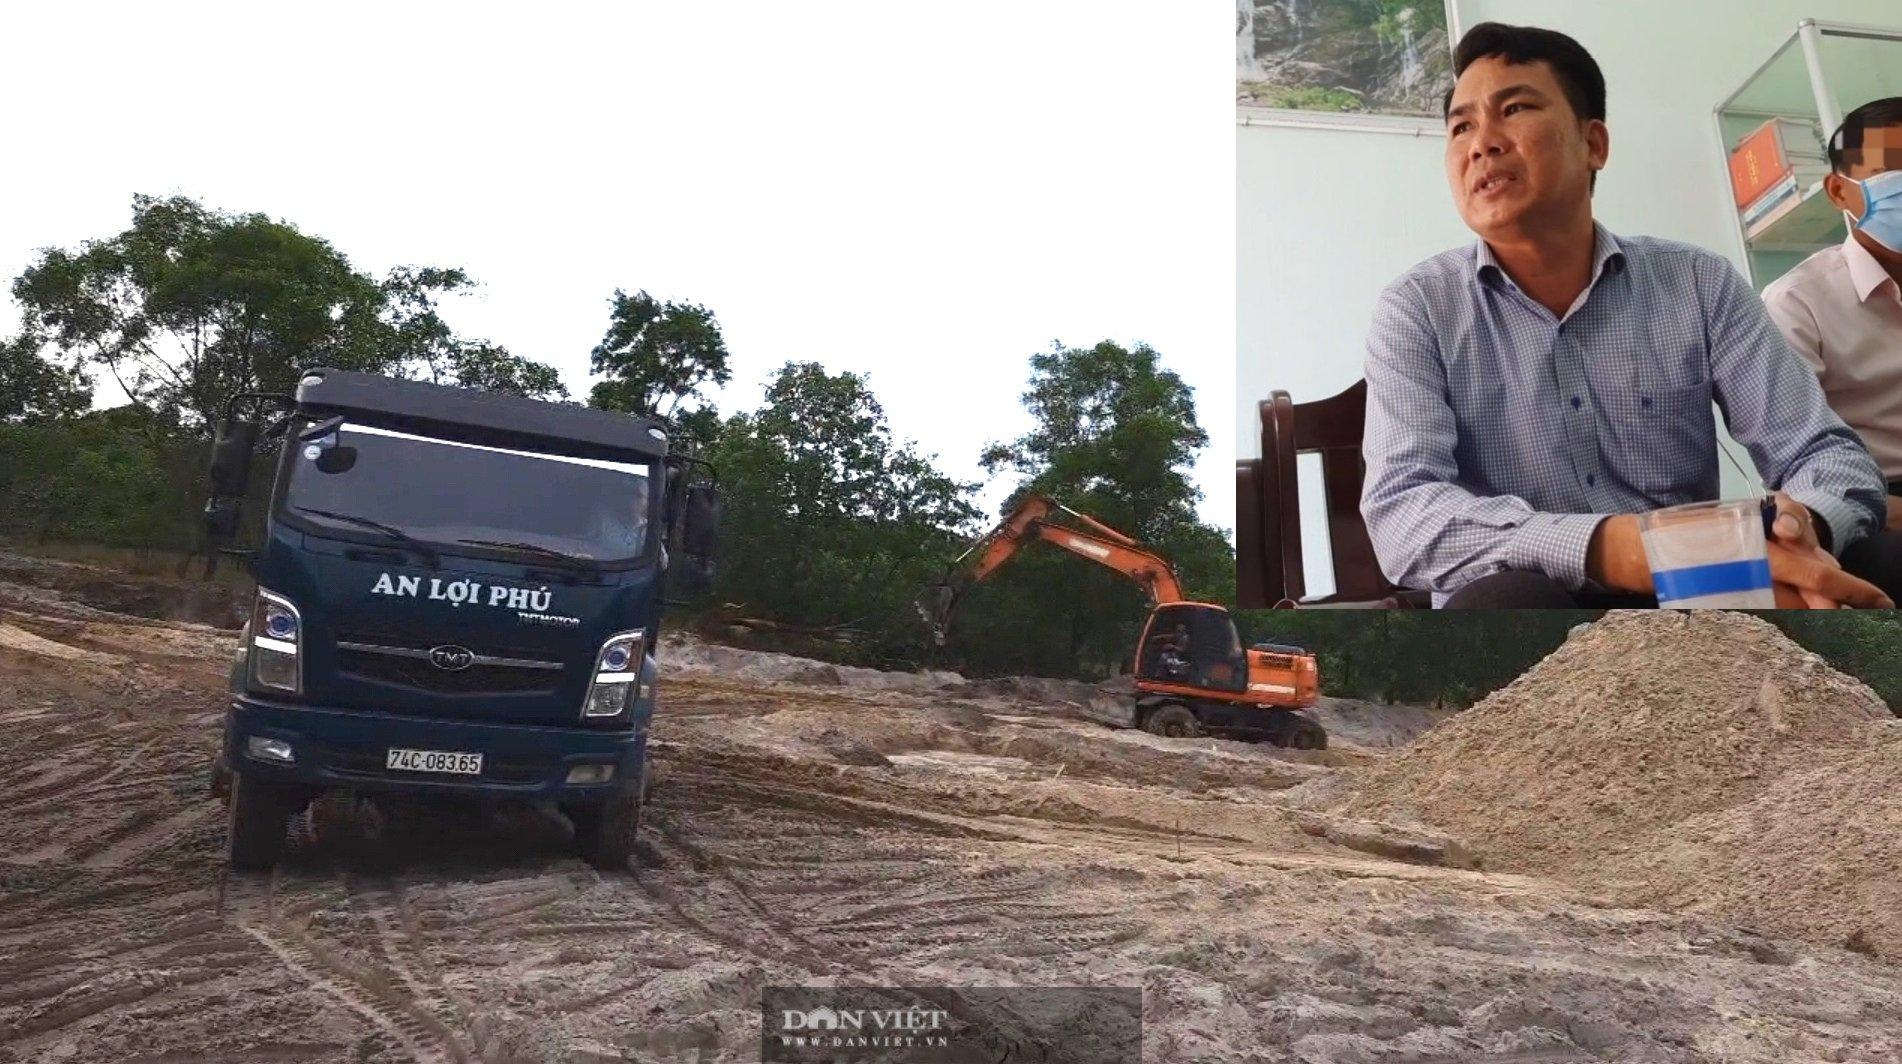 Vụ anh ruột Chủ tịch xã khai thác đất cát trái phép: Hứa một đường làm một nẻo - Ảnh 1.